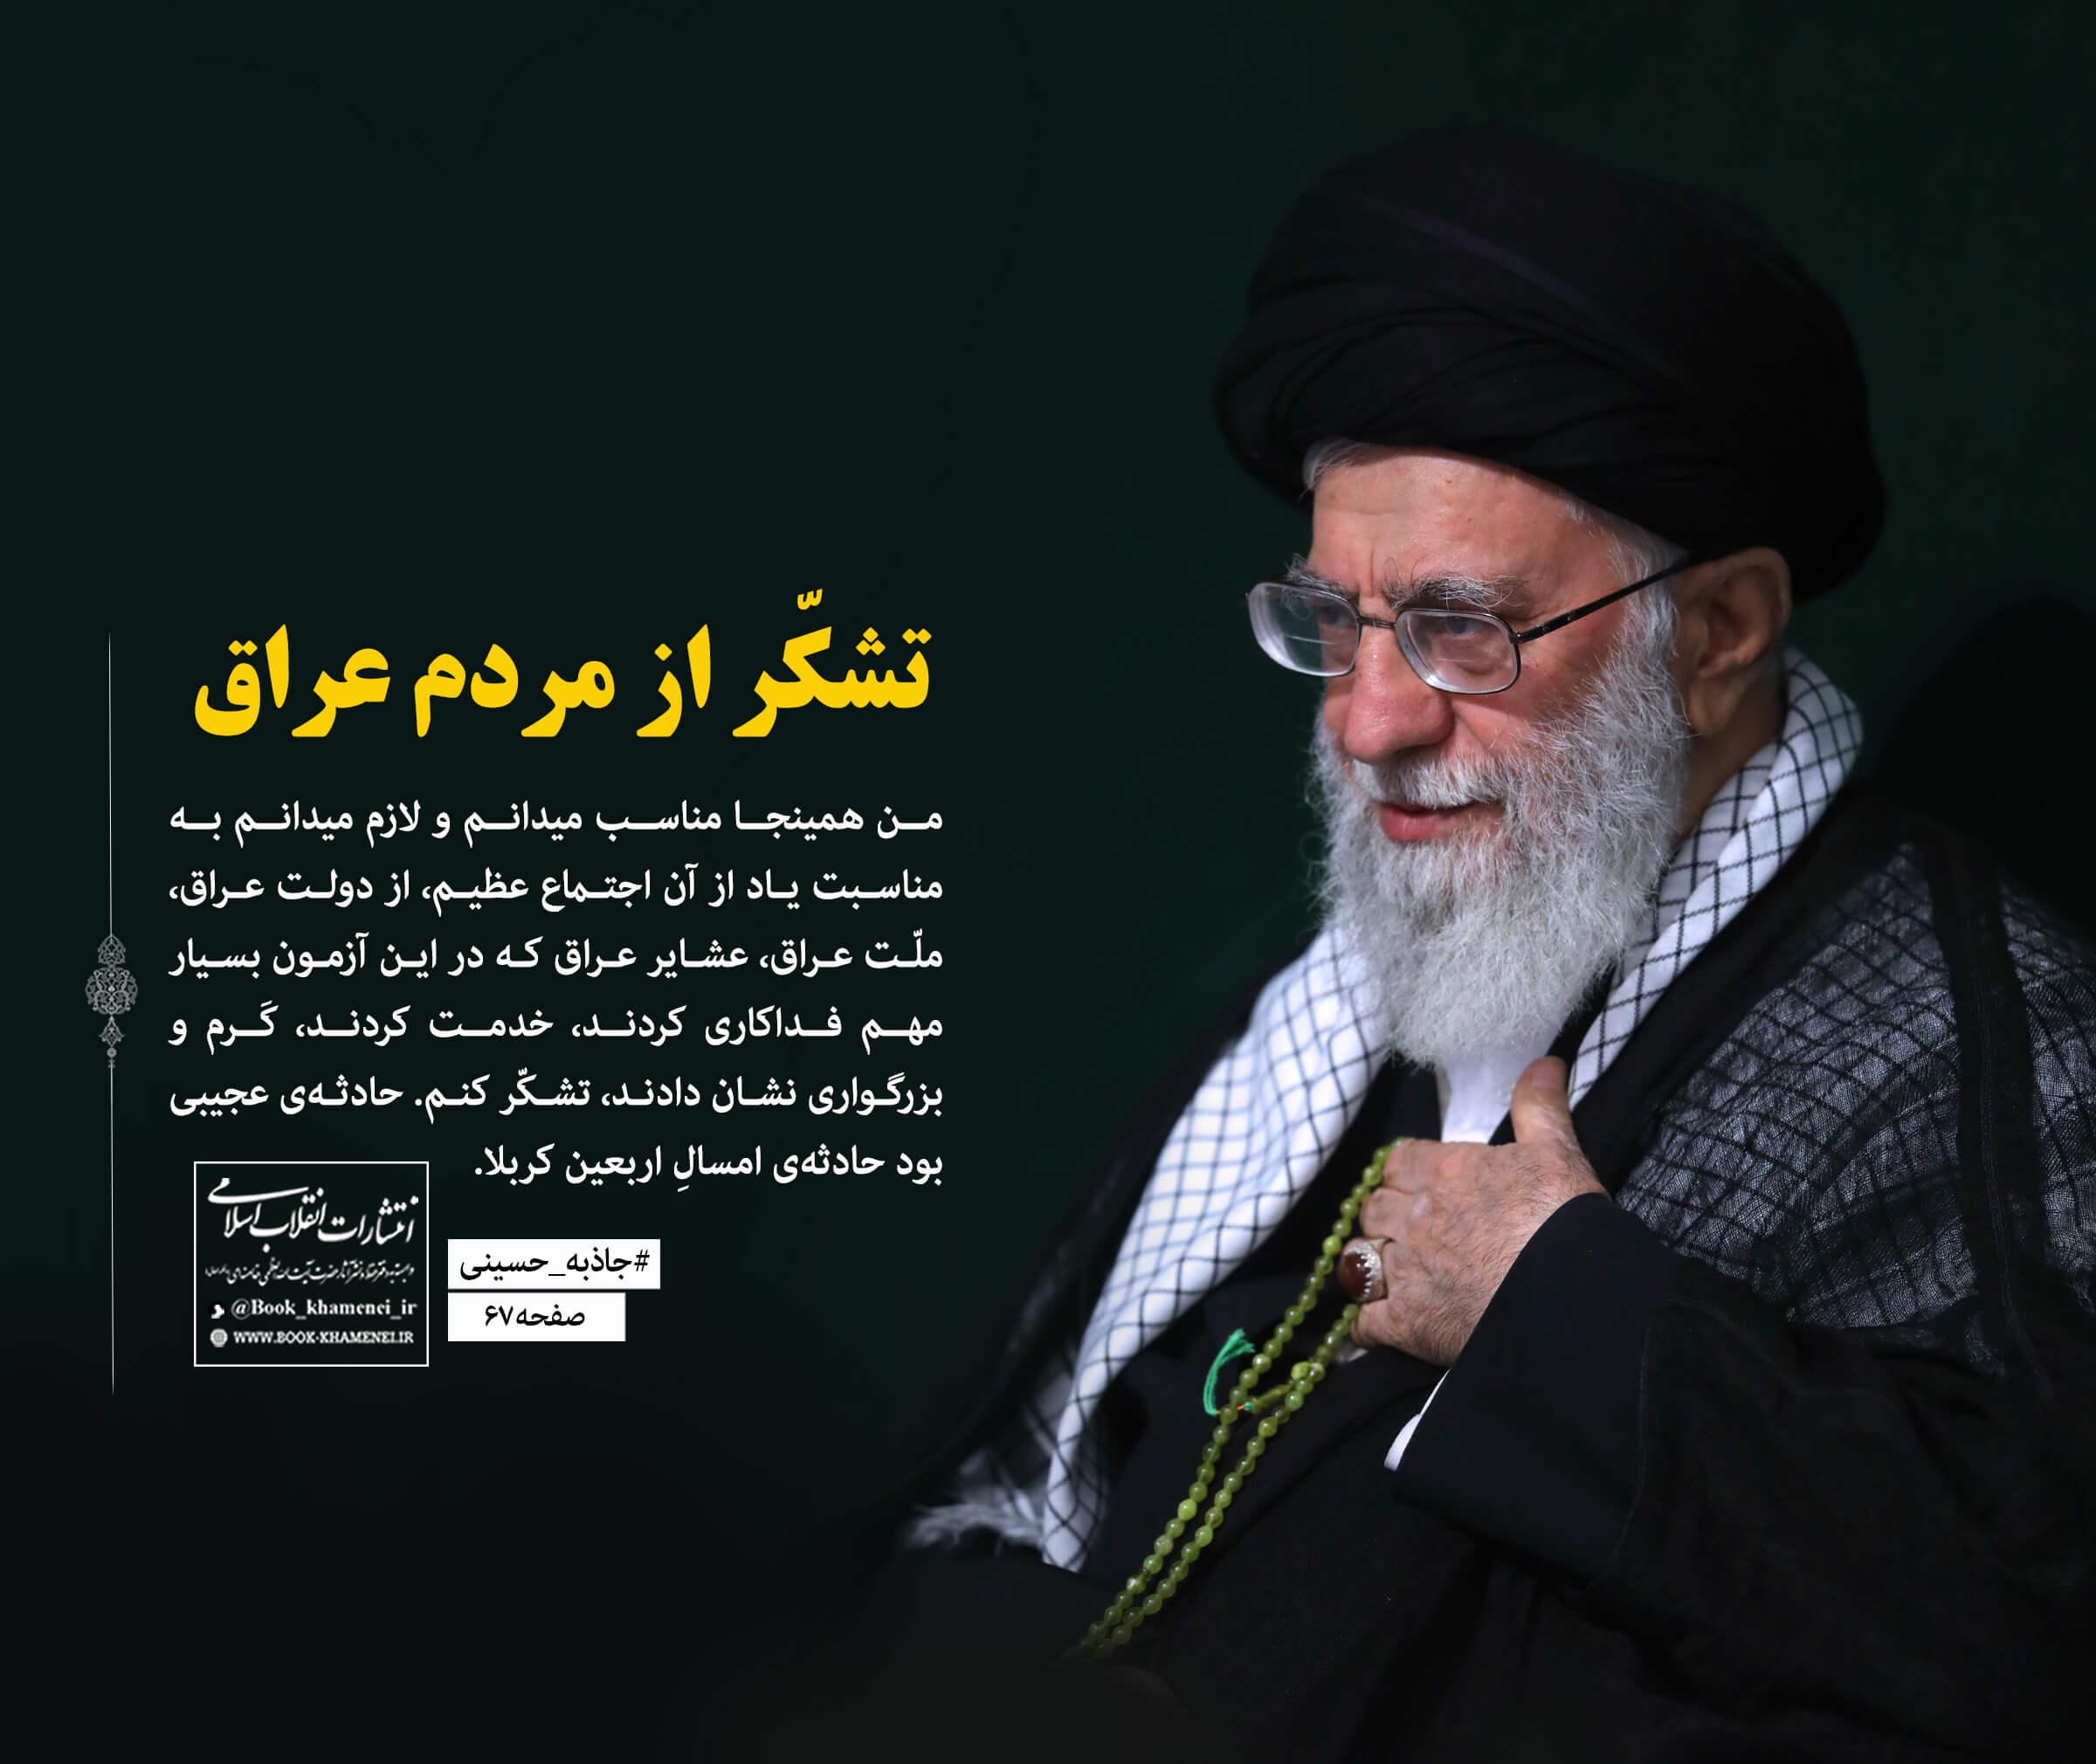 تشکر از مردم عراق در کتاب جاذبه ی حسینی